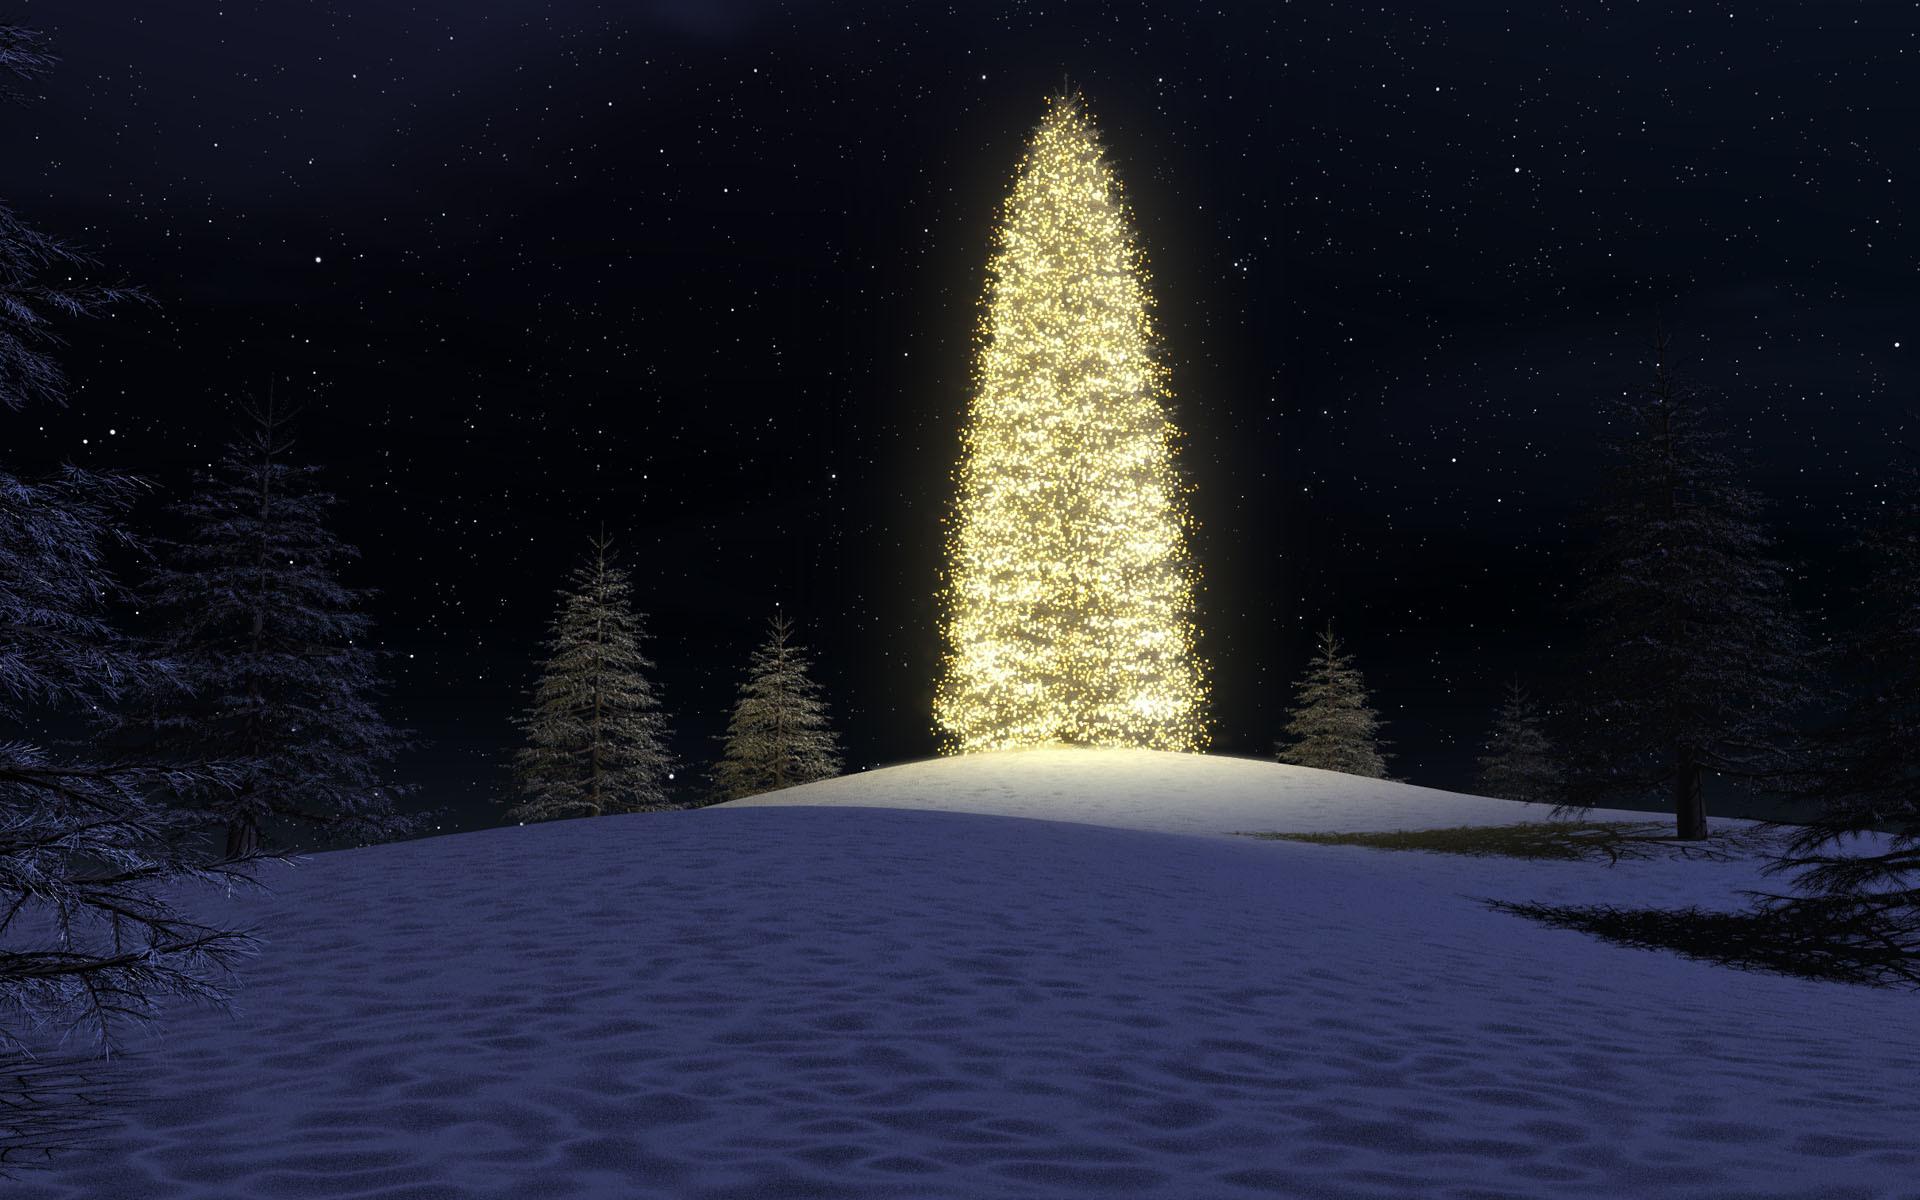 таким картинки рождественская ночь в лесу ввела обязательную идентификацию